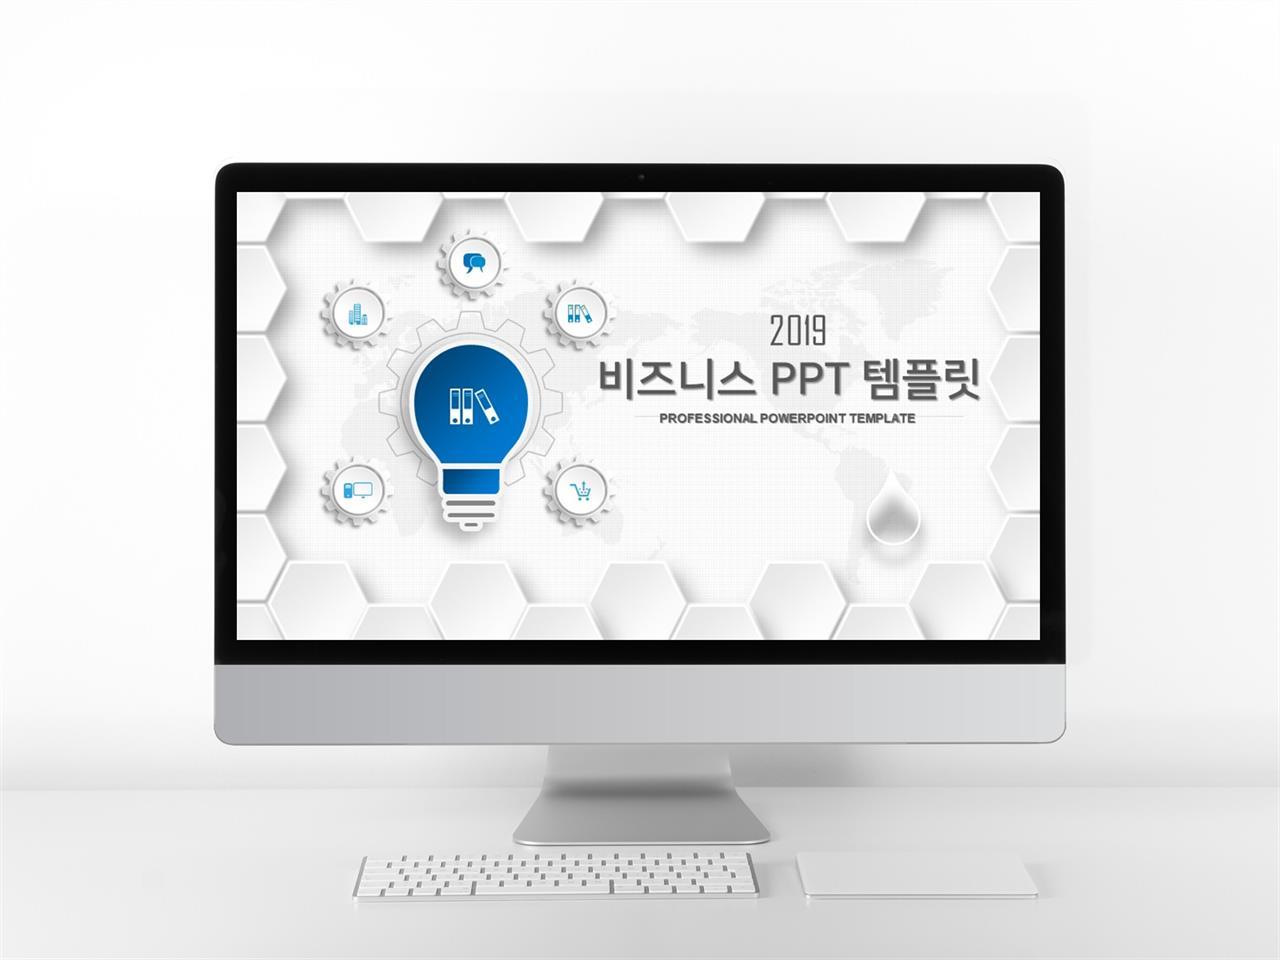 비즈니스 블루 단조로운 맞춤형 PPT템플릿 다운로드 미리보기